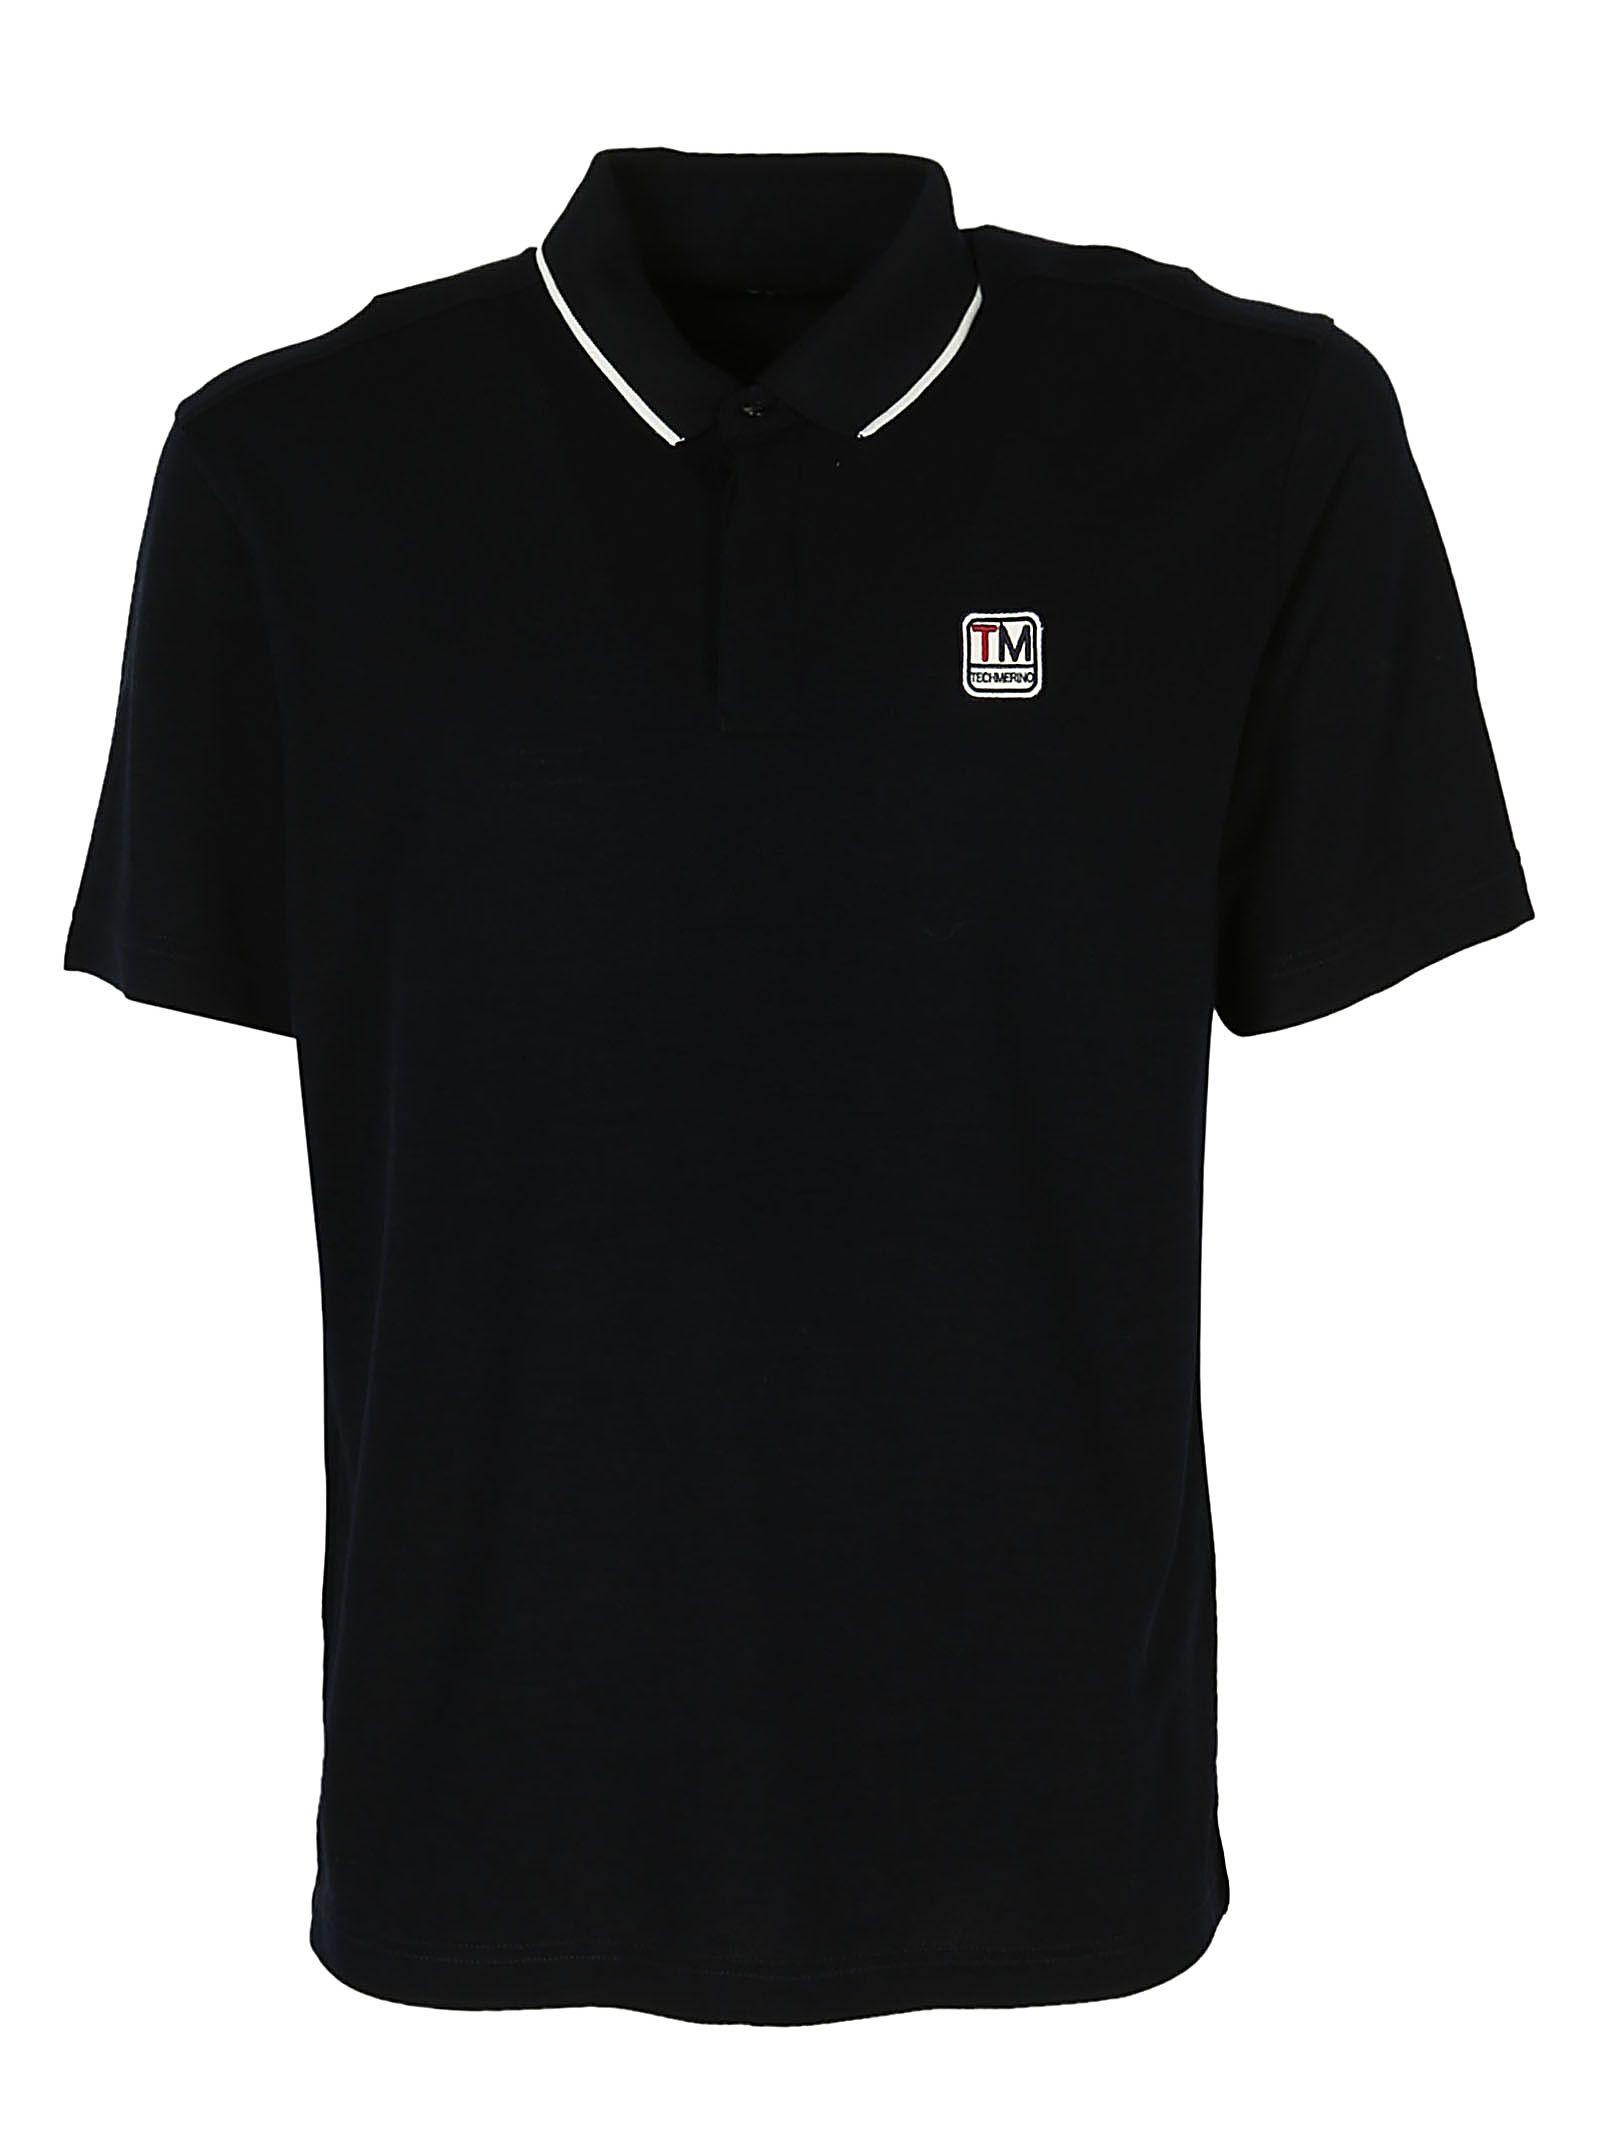 Z Zegna X Techmerino Polo Shirt